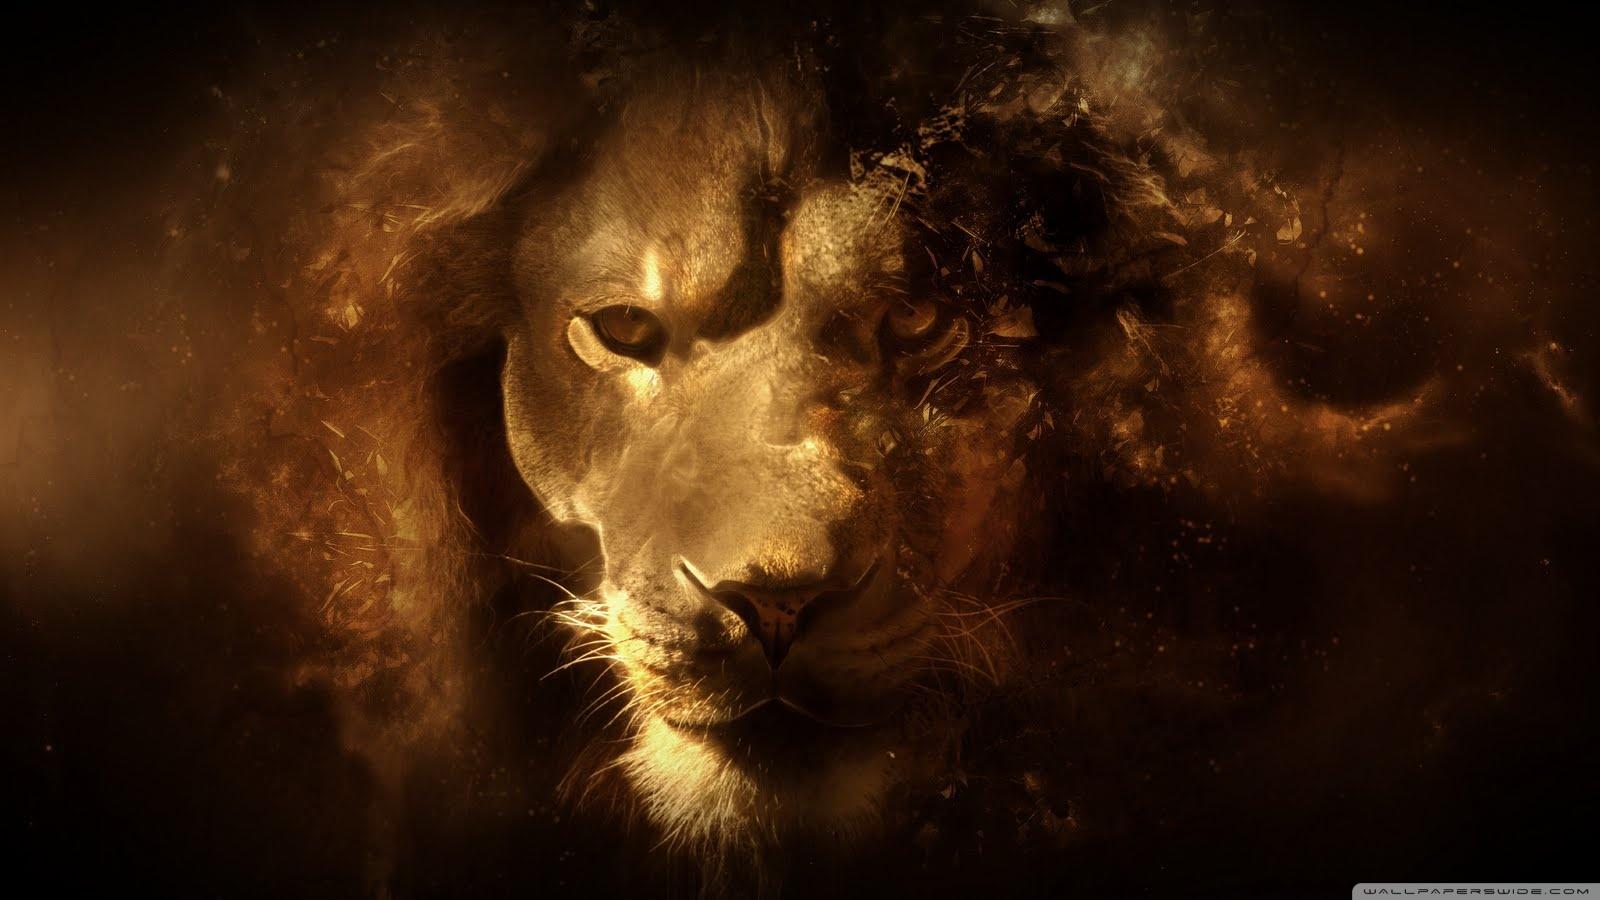 Lion hd wallpaper HD desktop wallpaper : Widescreen : High